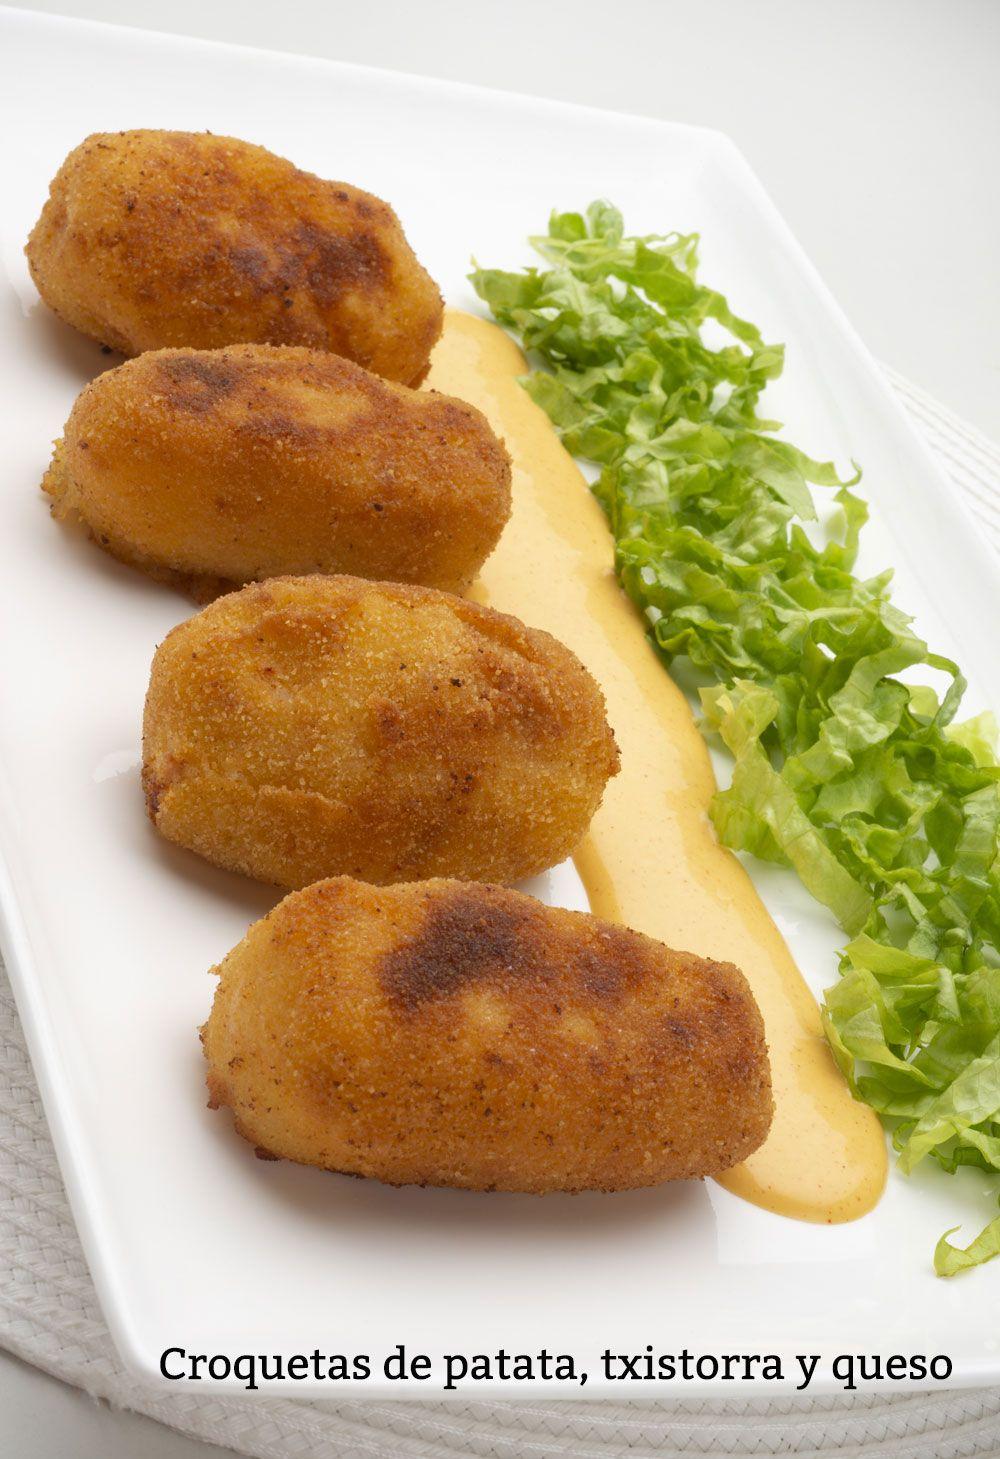 Croquetas de patata, txistorra y queso.